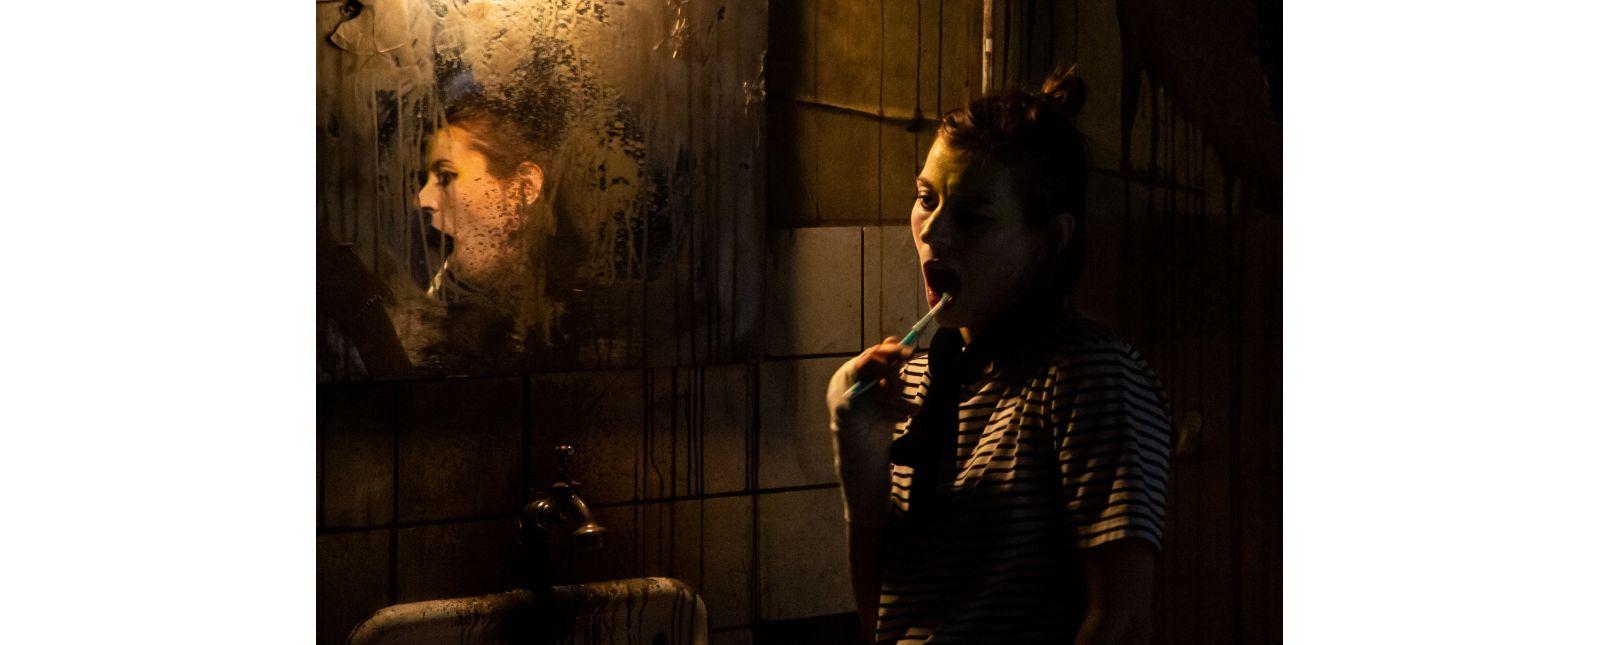 Factory // Stefanie Mrachacz // 2018 // Laura Nickel